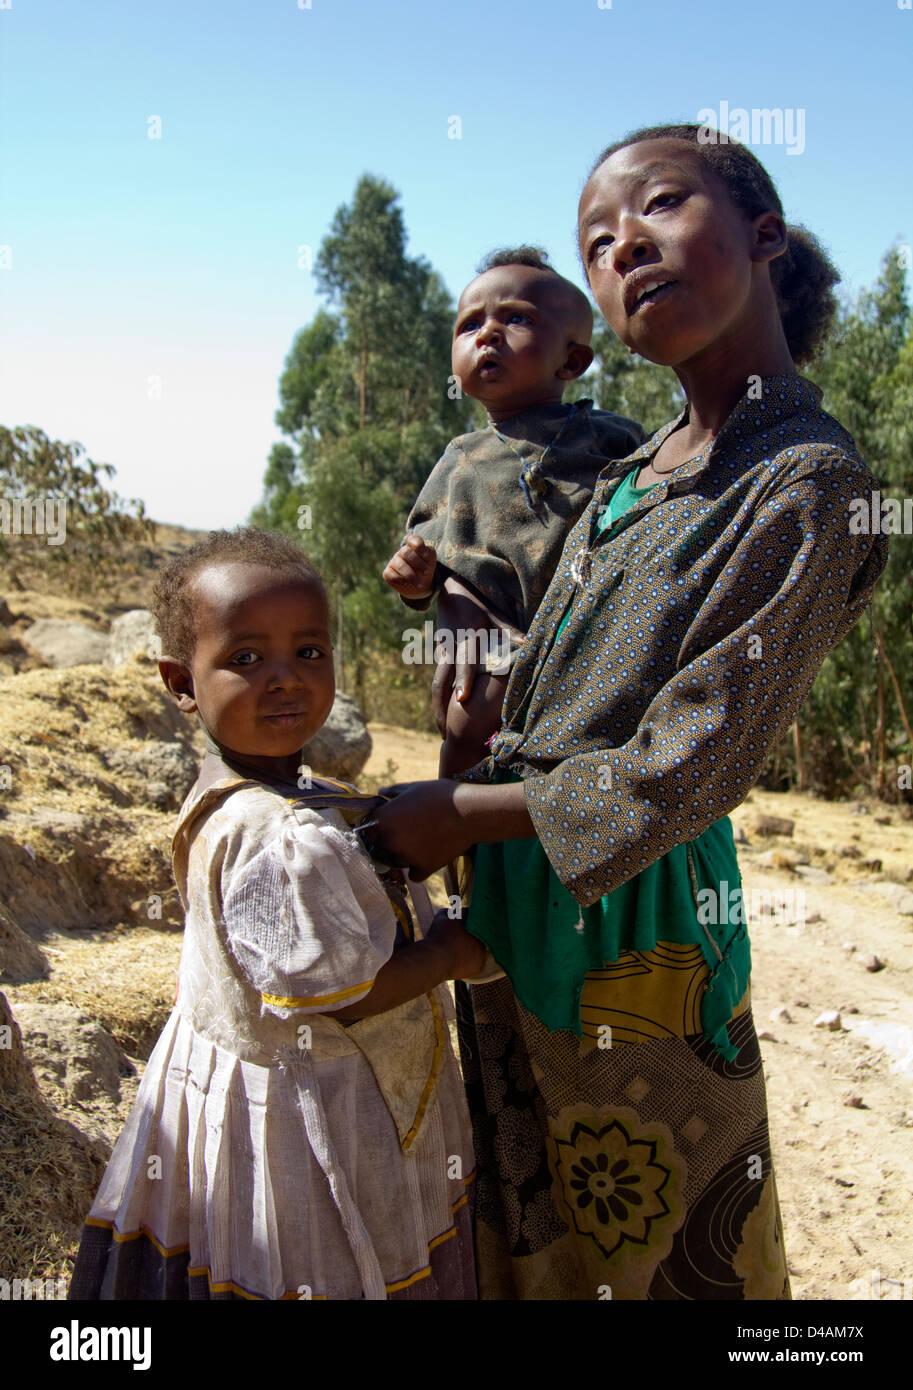 Les filles africaines avec les frères et sœurs, l'Éthiopie, l'Afrique Photo Stock